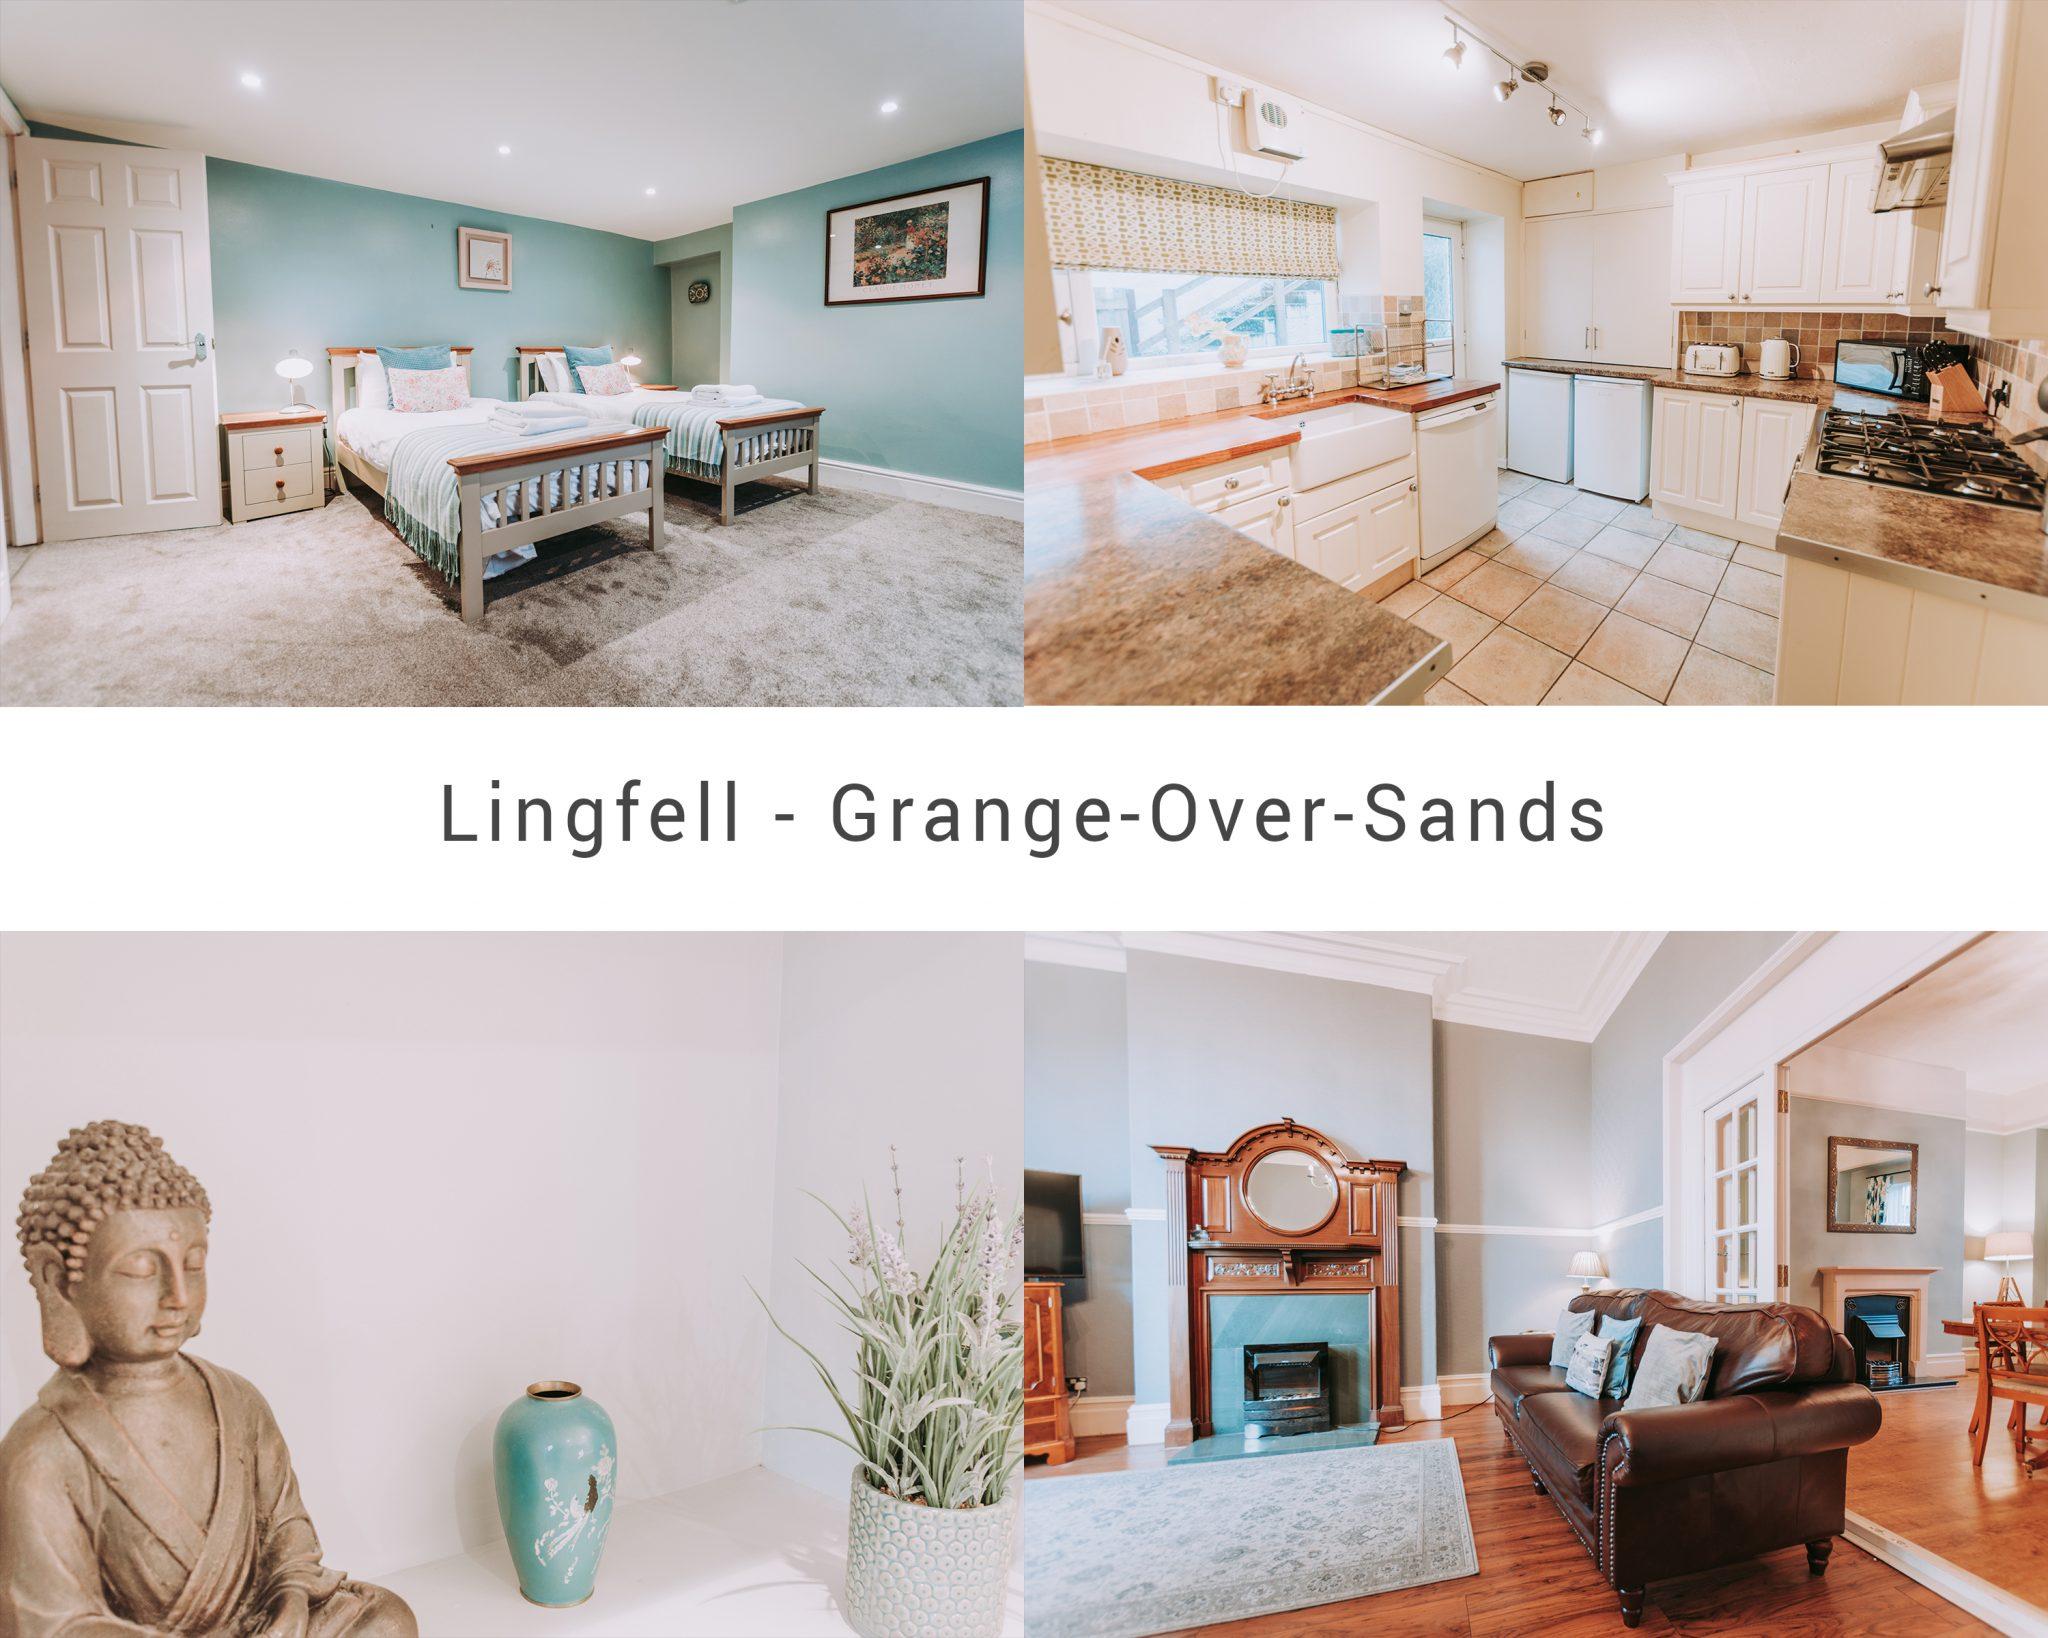 Lingfell